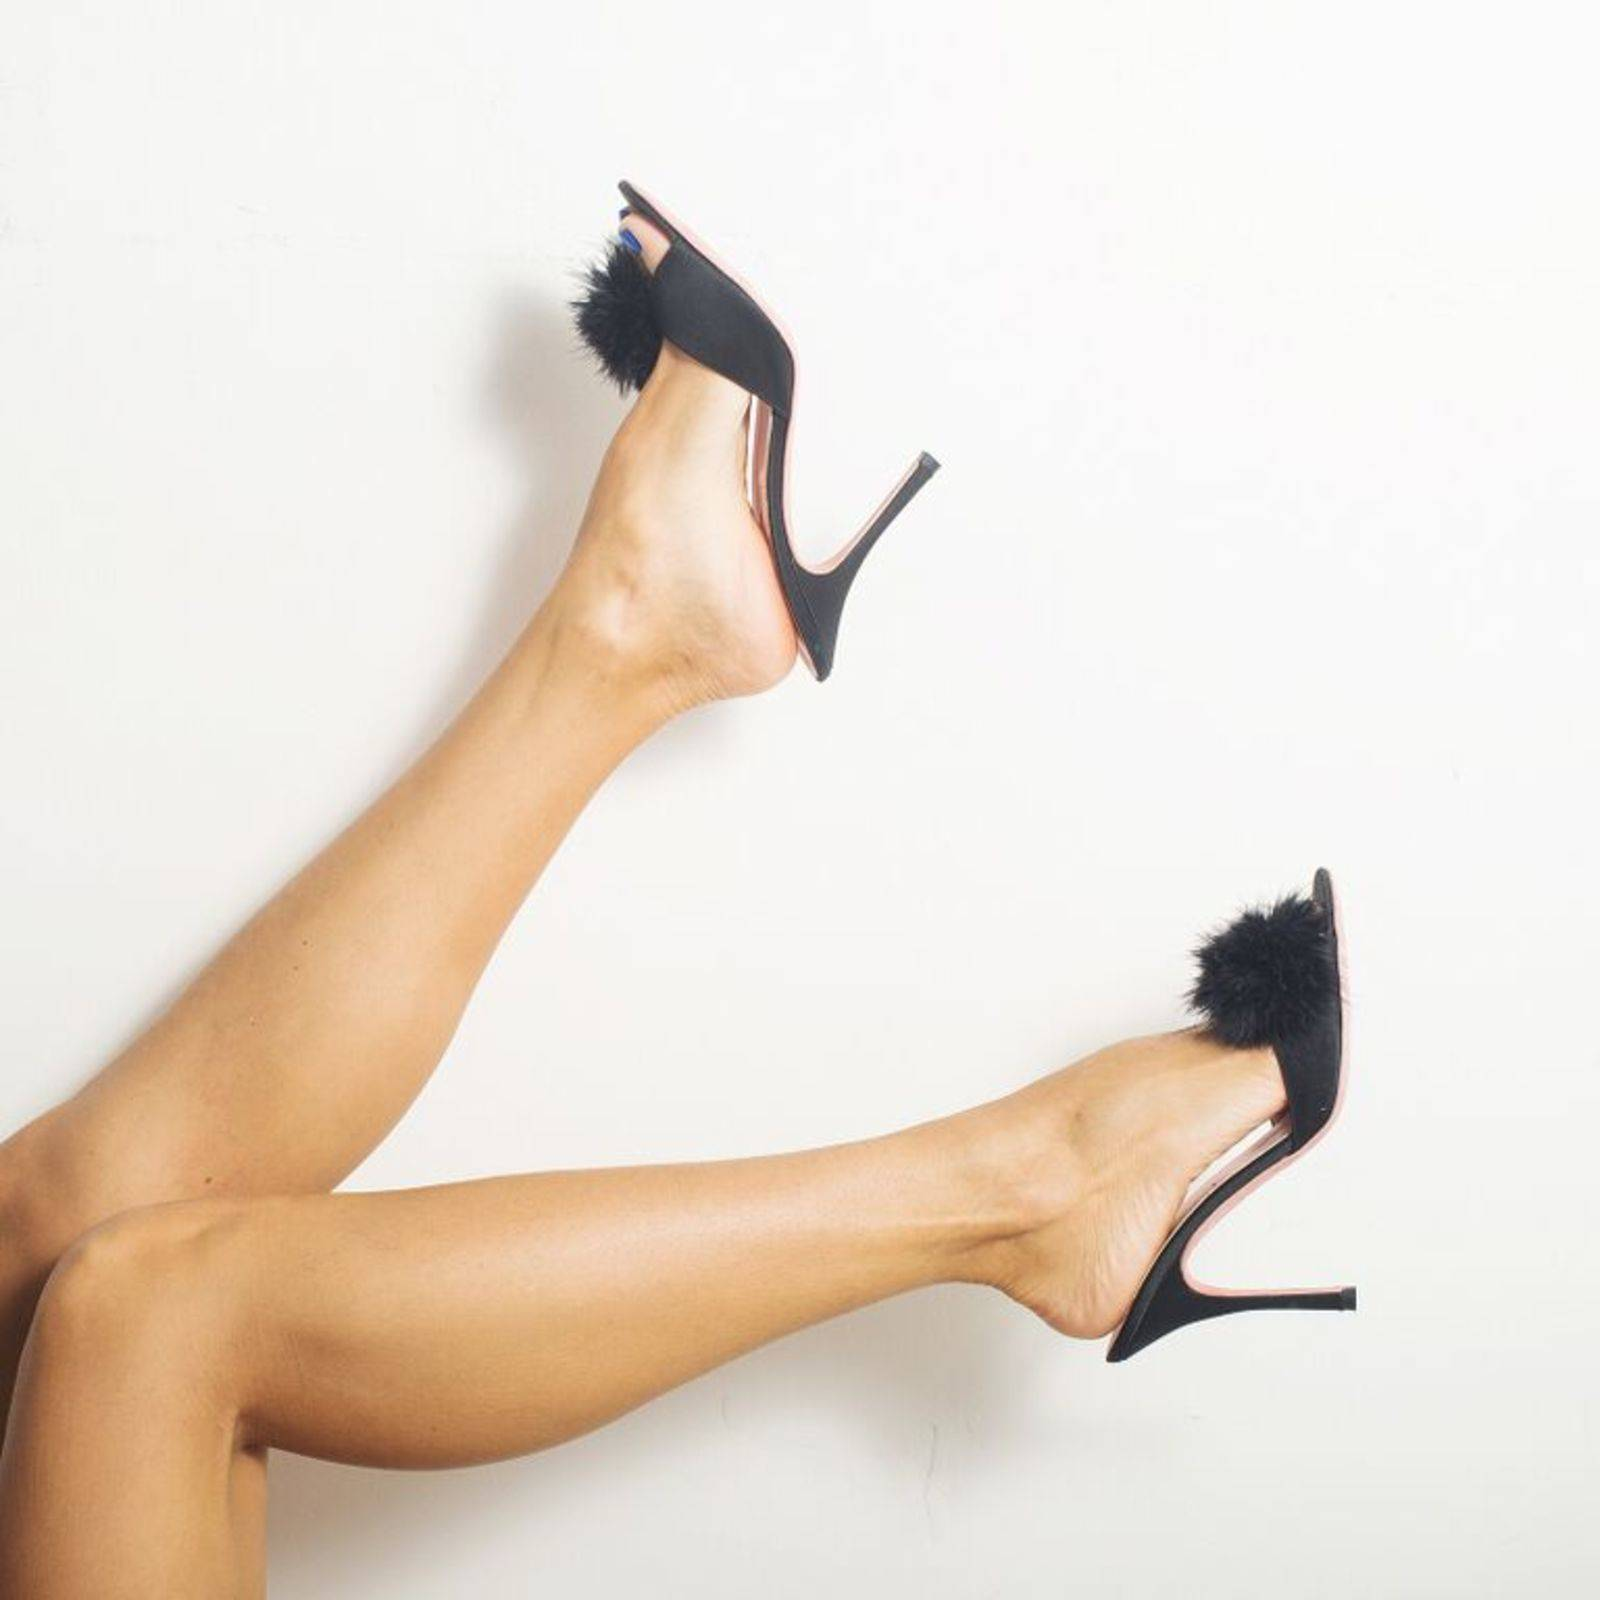 Купить туфли Agent Provocateur в Москве с доставкой по цене 10000 ... bbfb10bd058